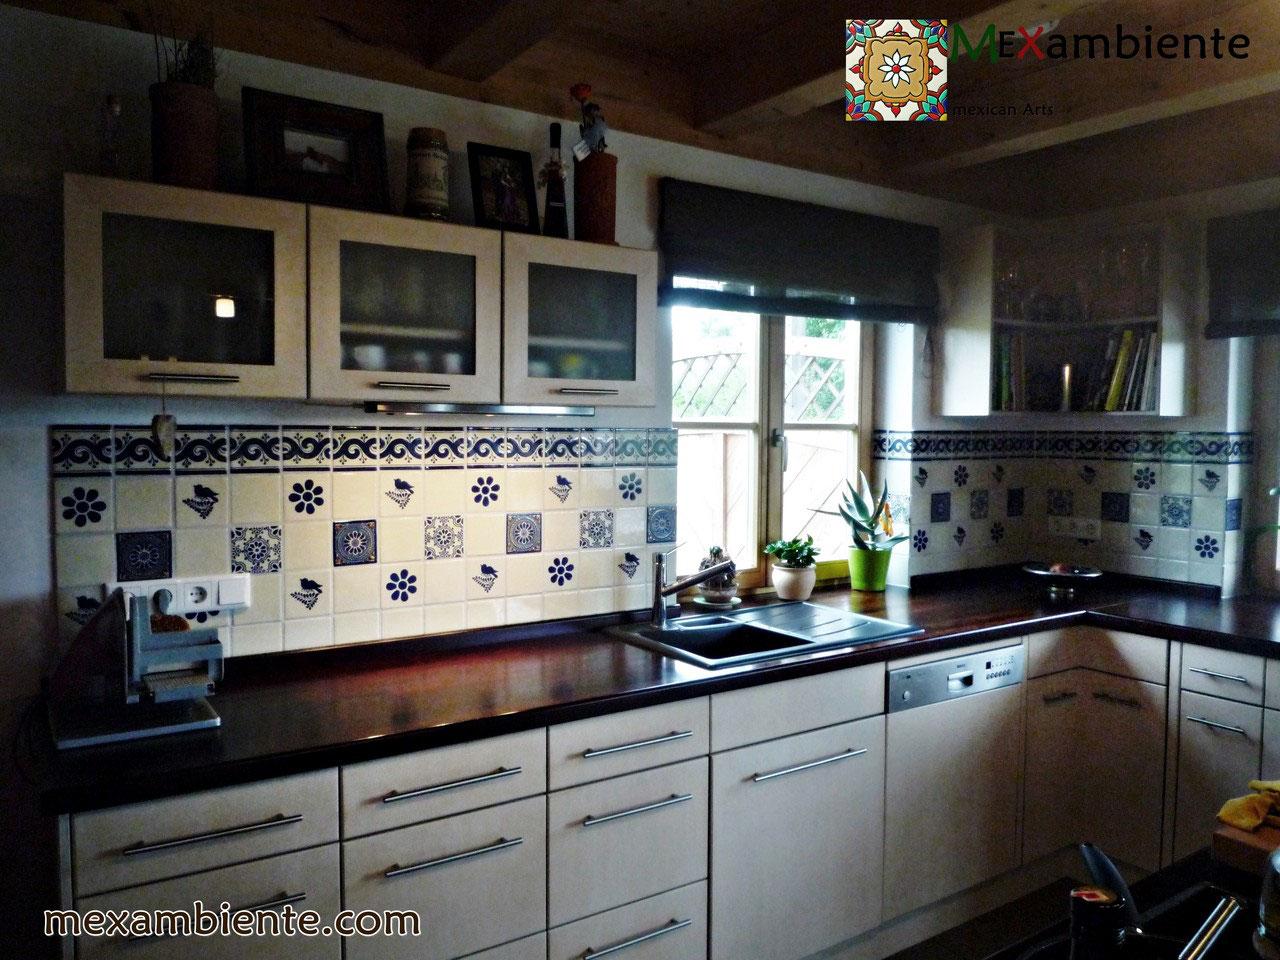 Full Size of Fliesenspiegel Küche Modern Handtuchhalter Einbauküche Mit E Geräten Beistelltisch Rosa Led Beleuchtung Eckunterschrank Beistellregal Moderne Esstische Wohnzimmer Fliesenspiegel Küche Modern